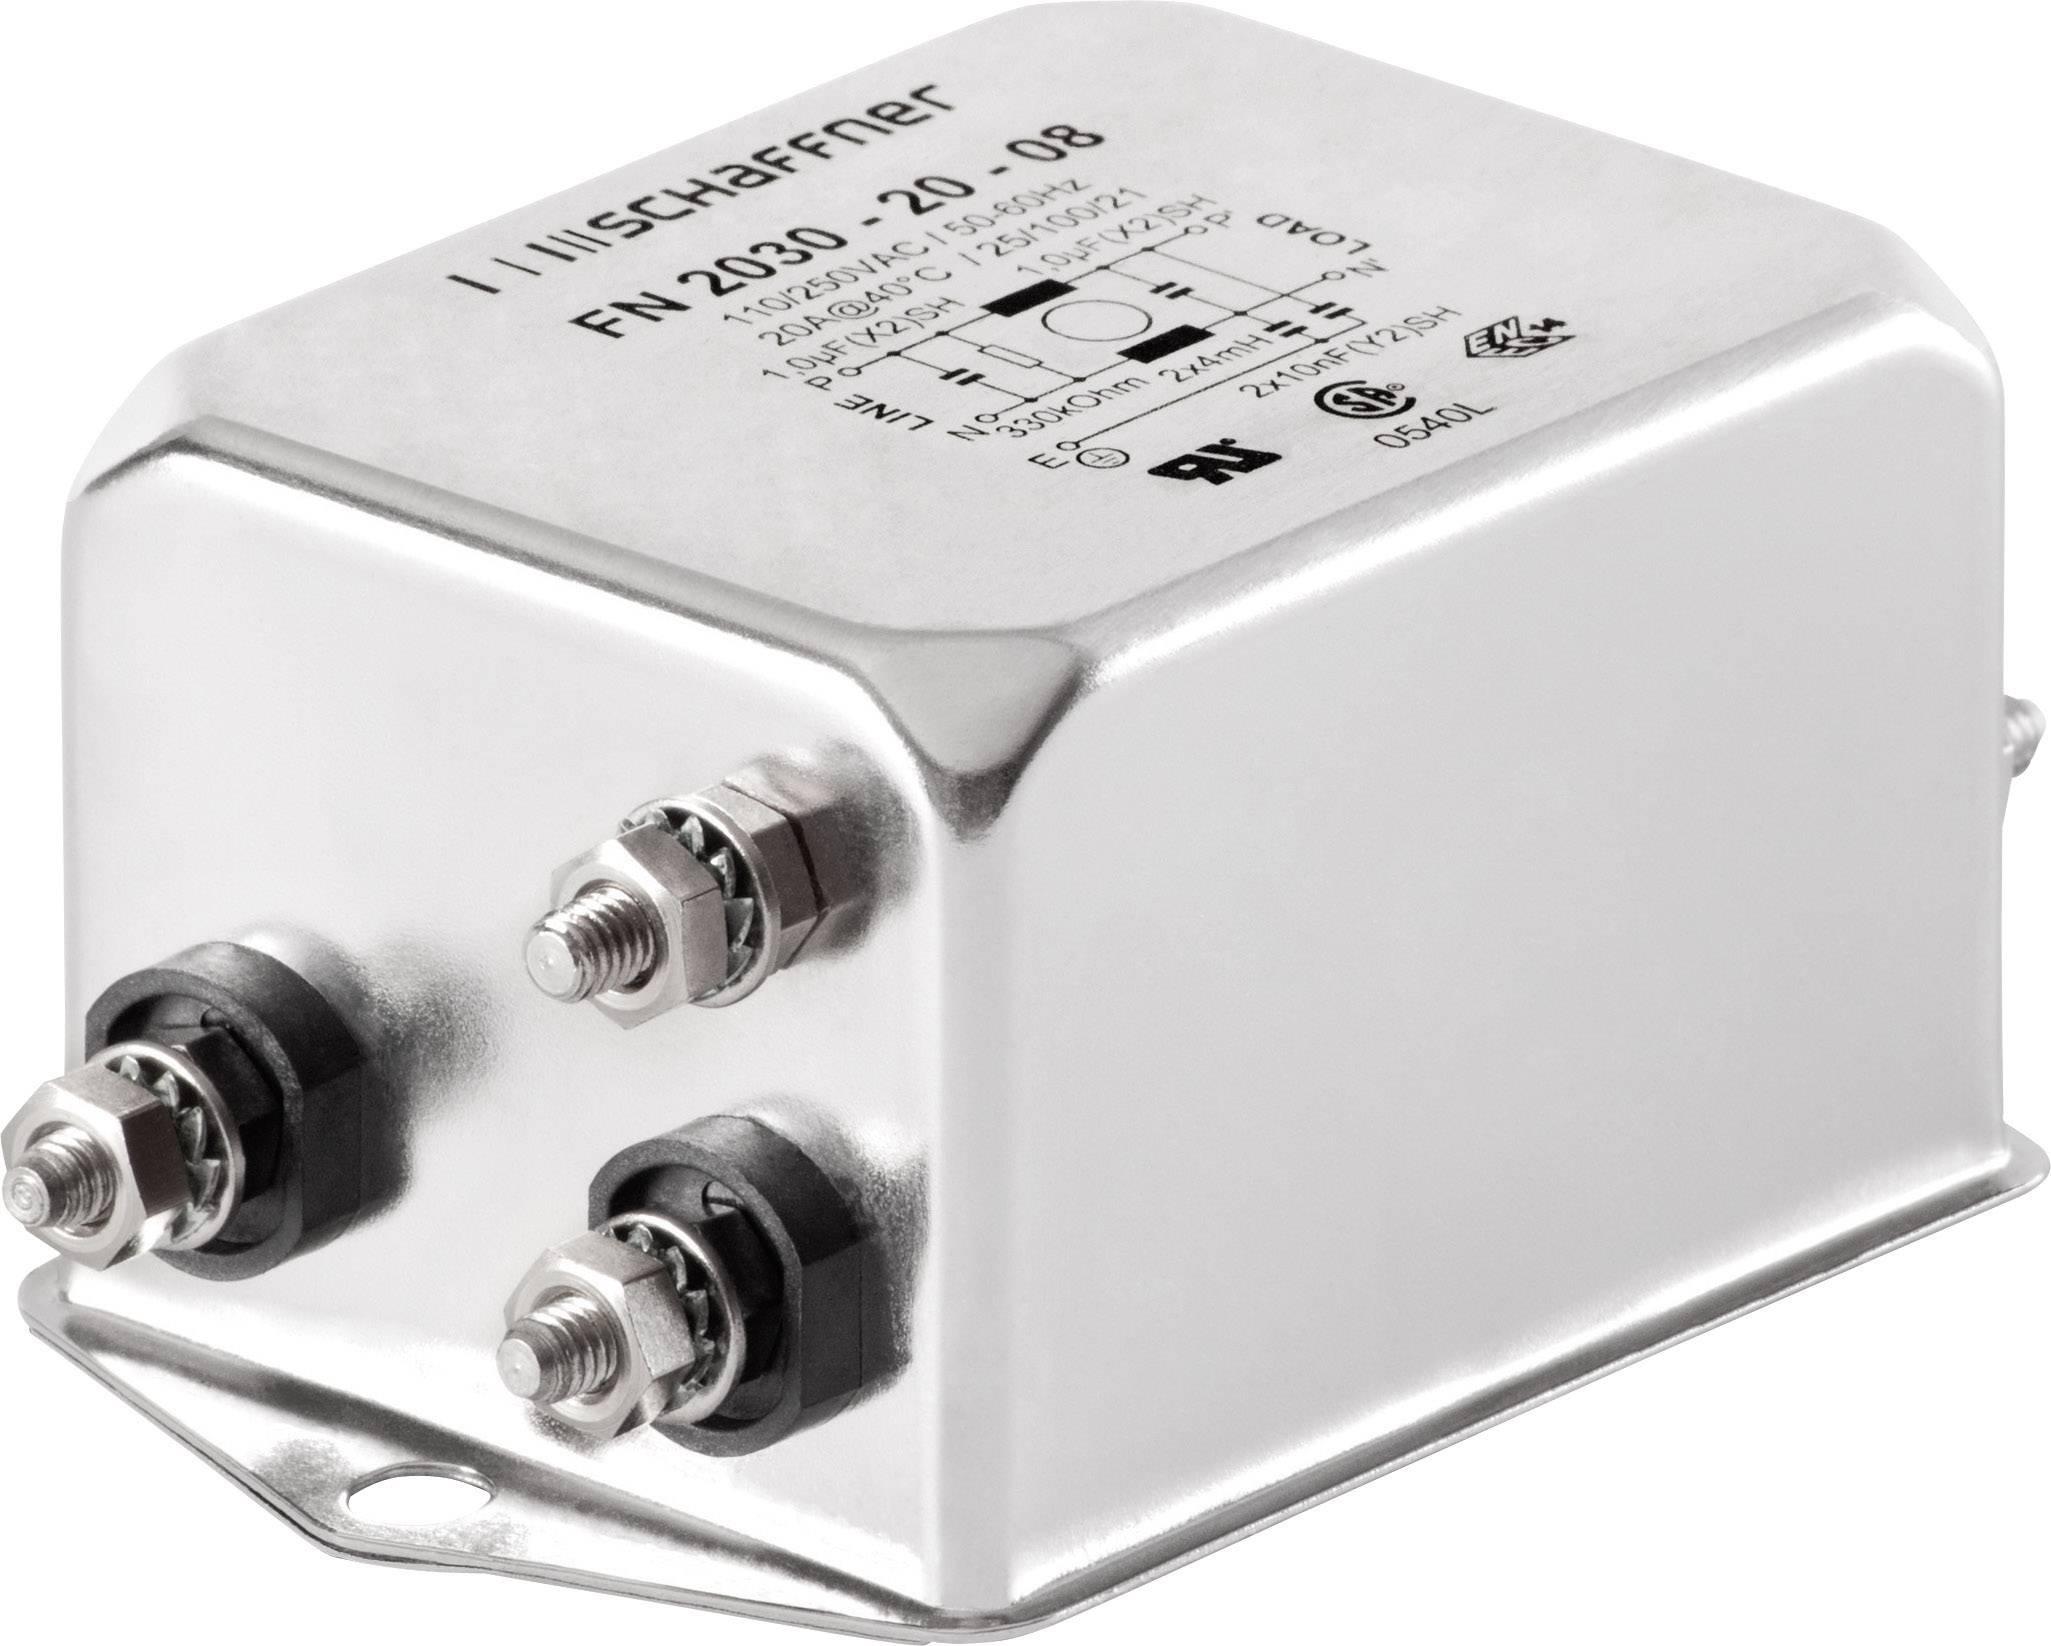 Odrušovací filter Schaffner FN2030-6-06 FN2030-6-06, 250 V/AC, 6 A, 8 mH, (d x š x v) 71 x 46.6 x 22.3 mm, 1 ks